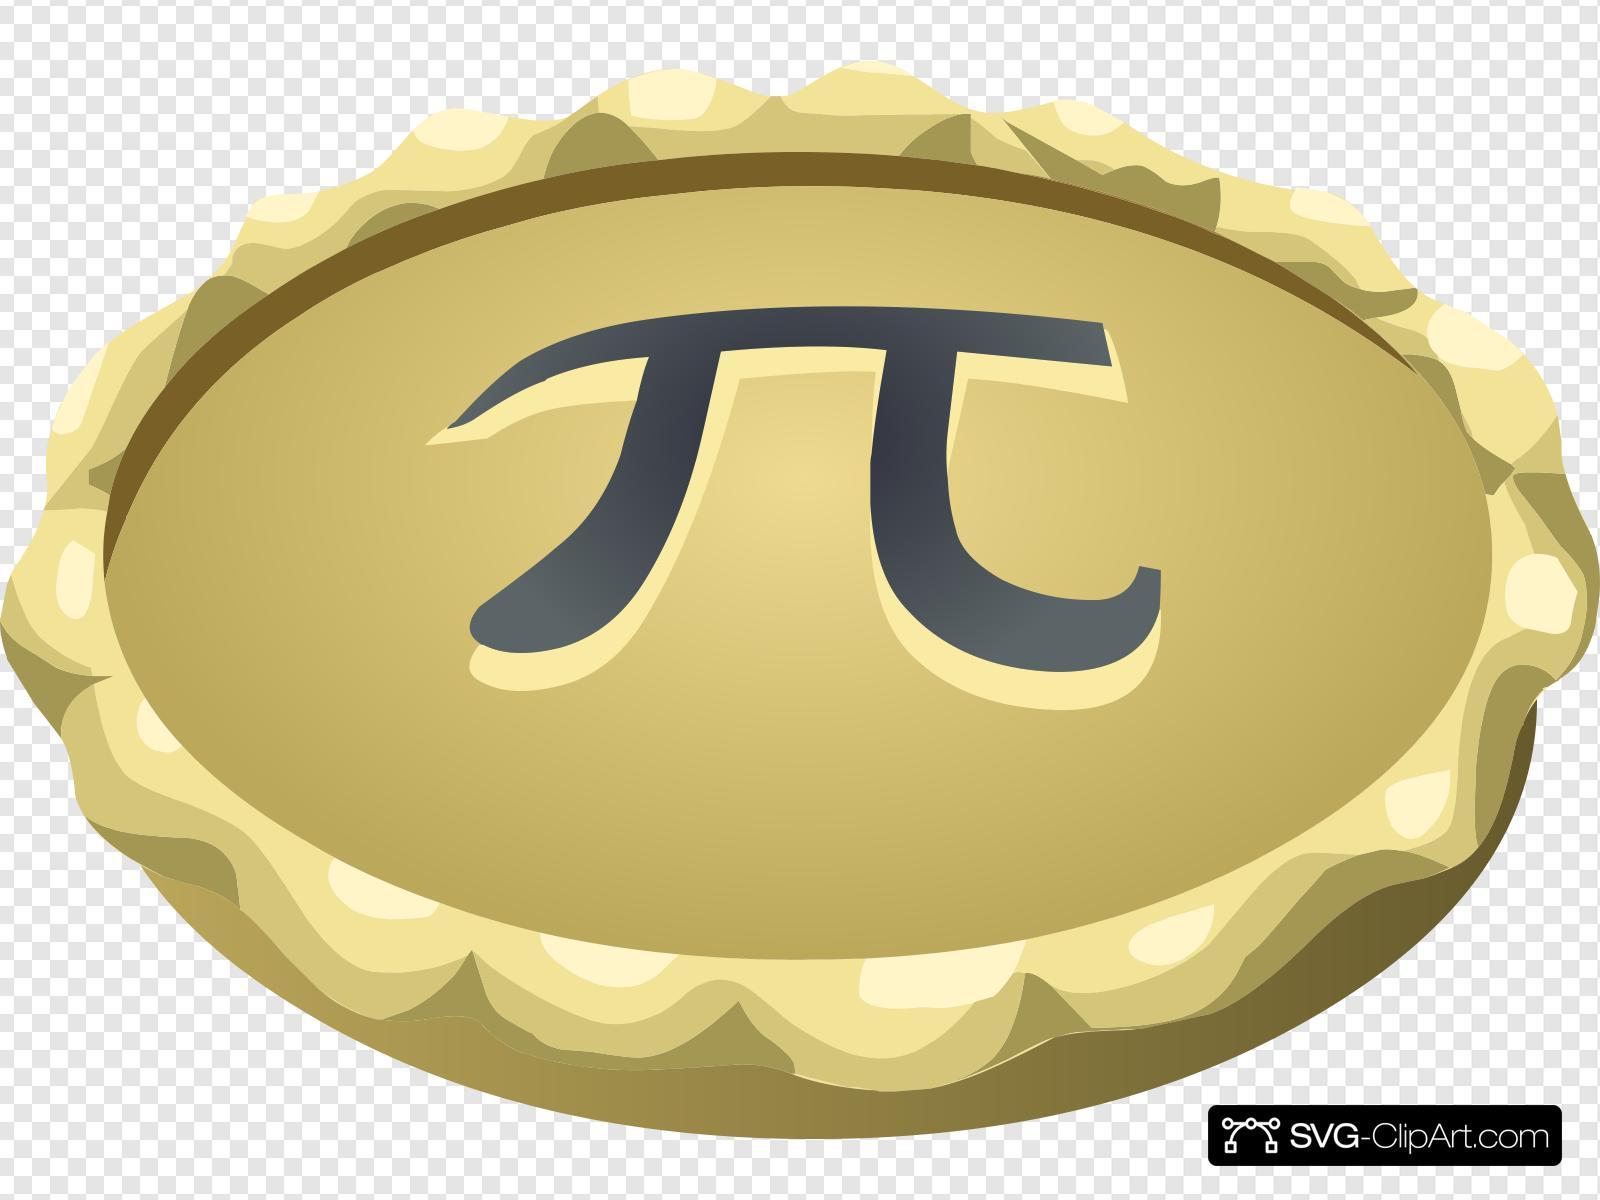 Pi Pie Clip art, Icon and SVG.